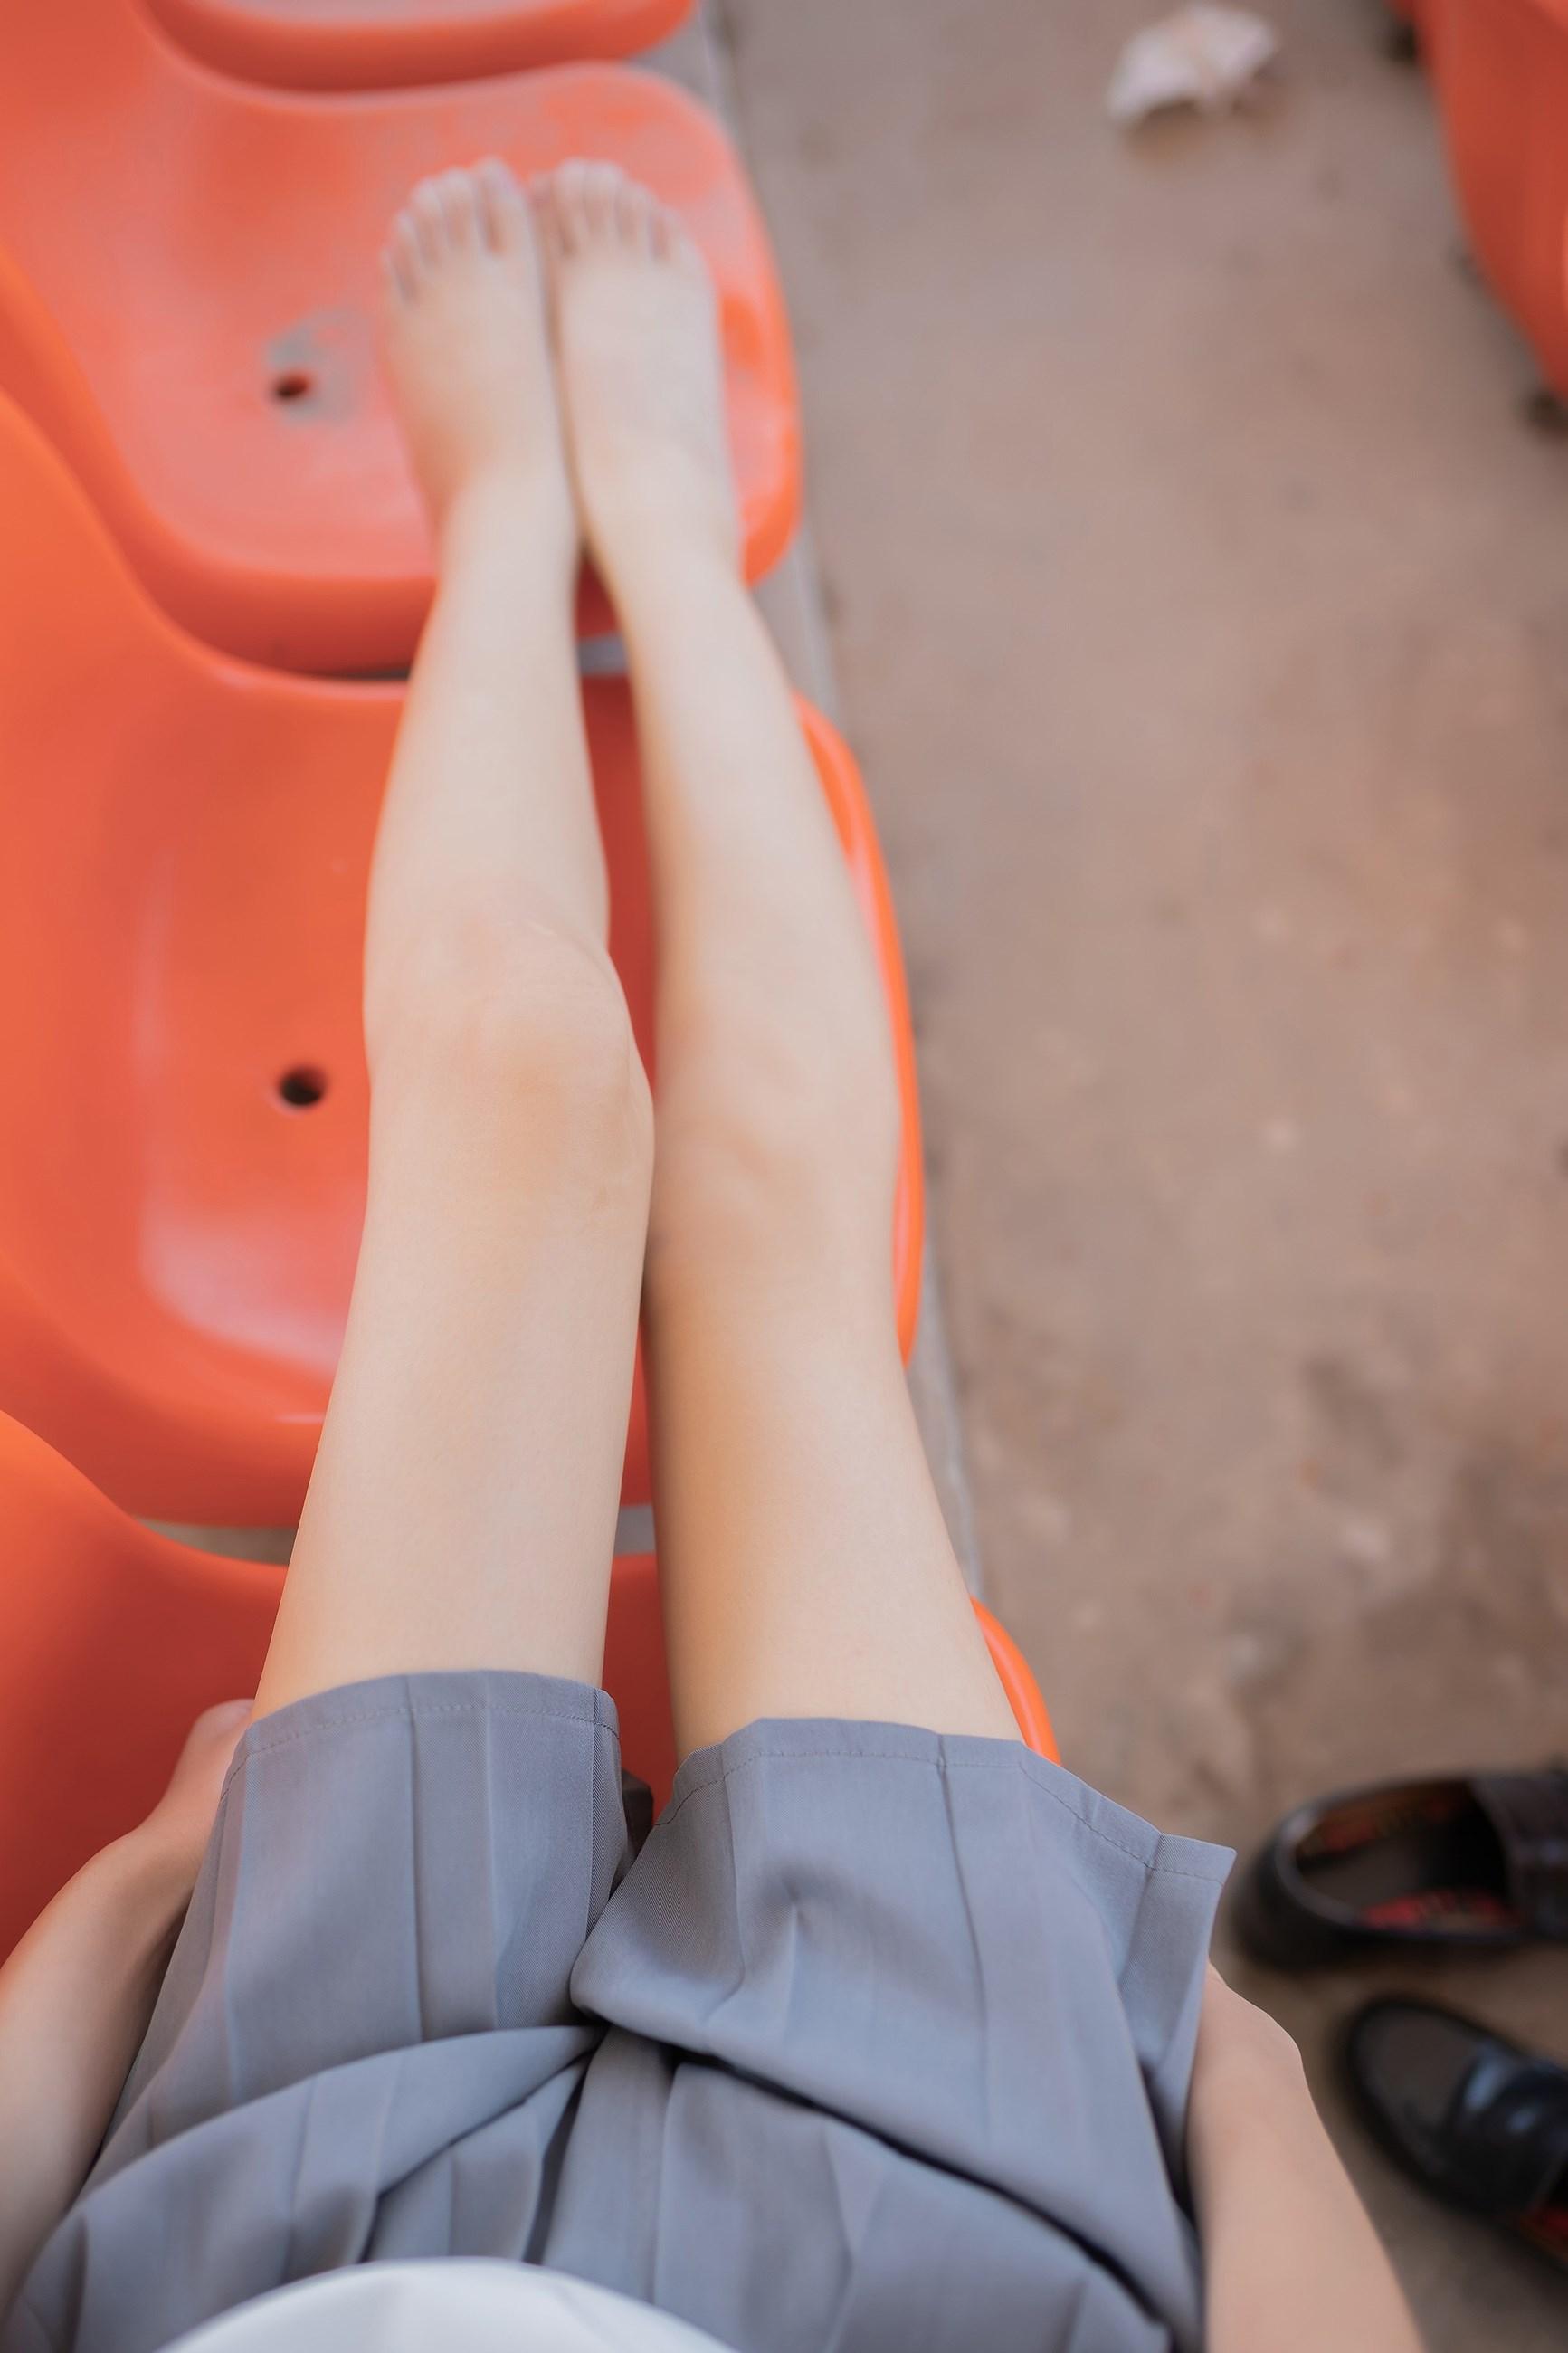 【兔玩映画】看台上的果腿少女 兔玩映画 第22张